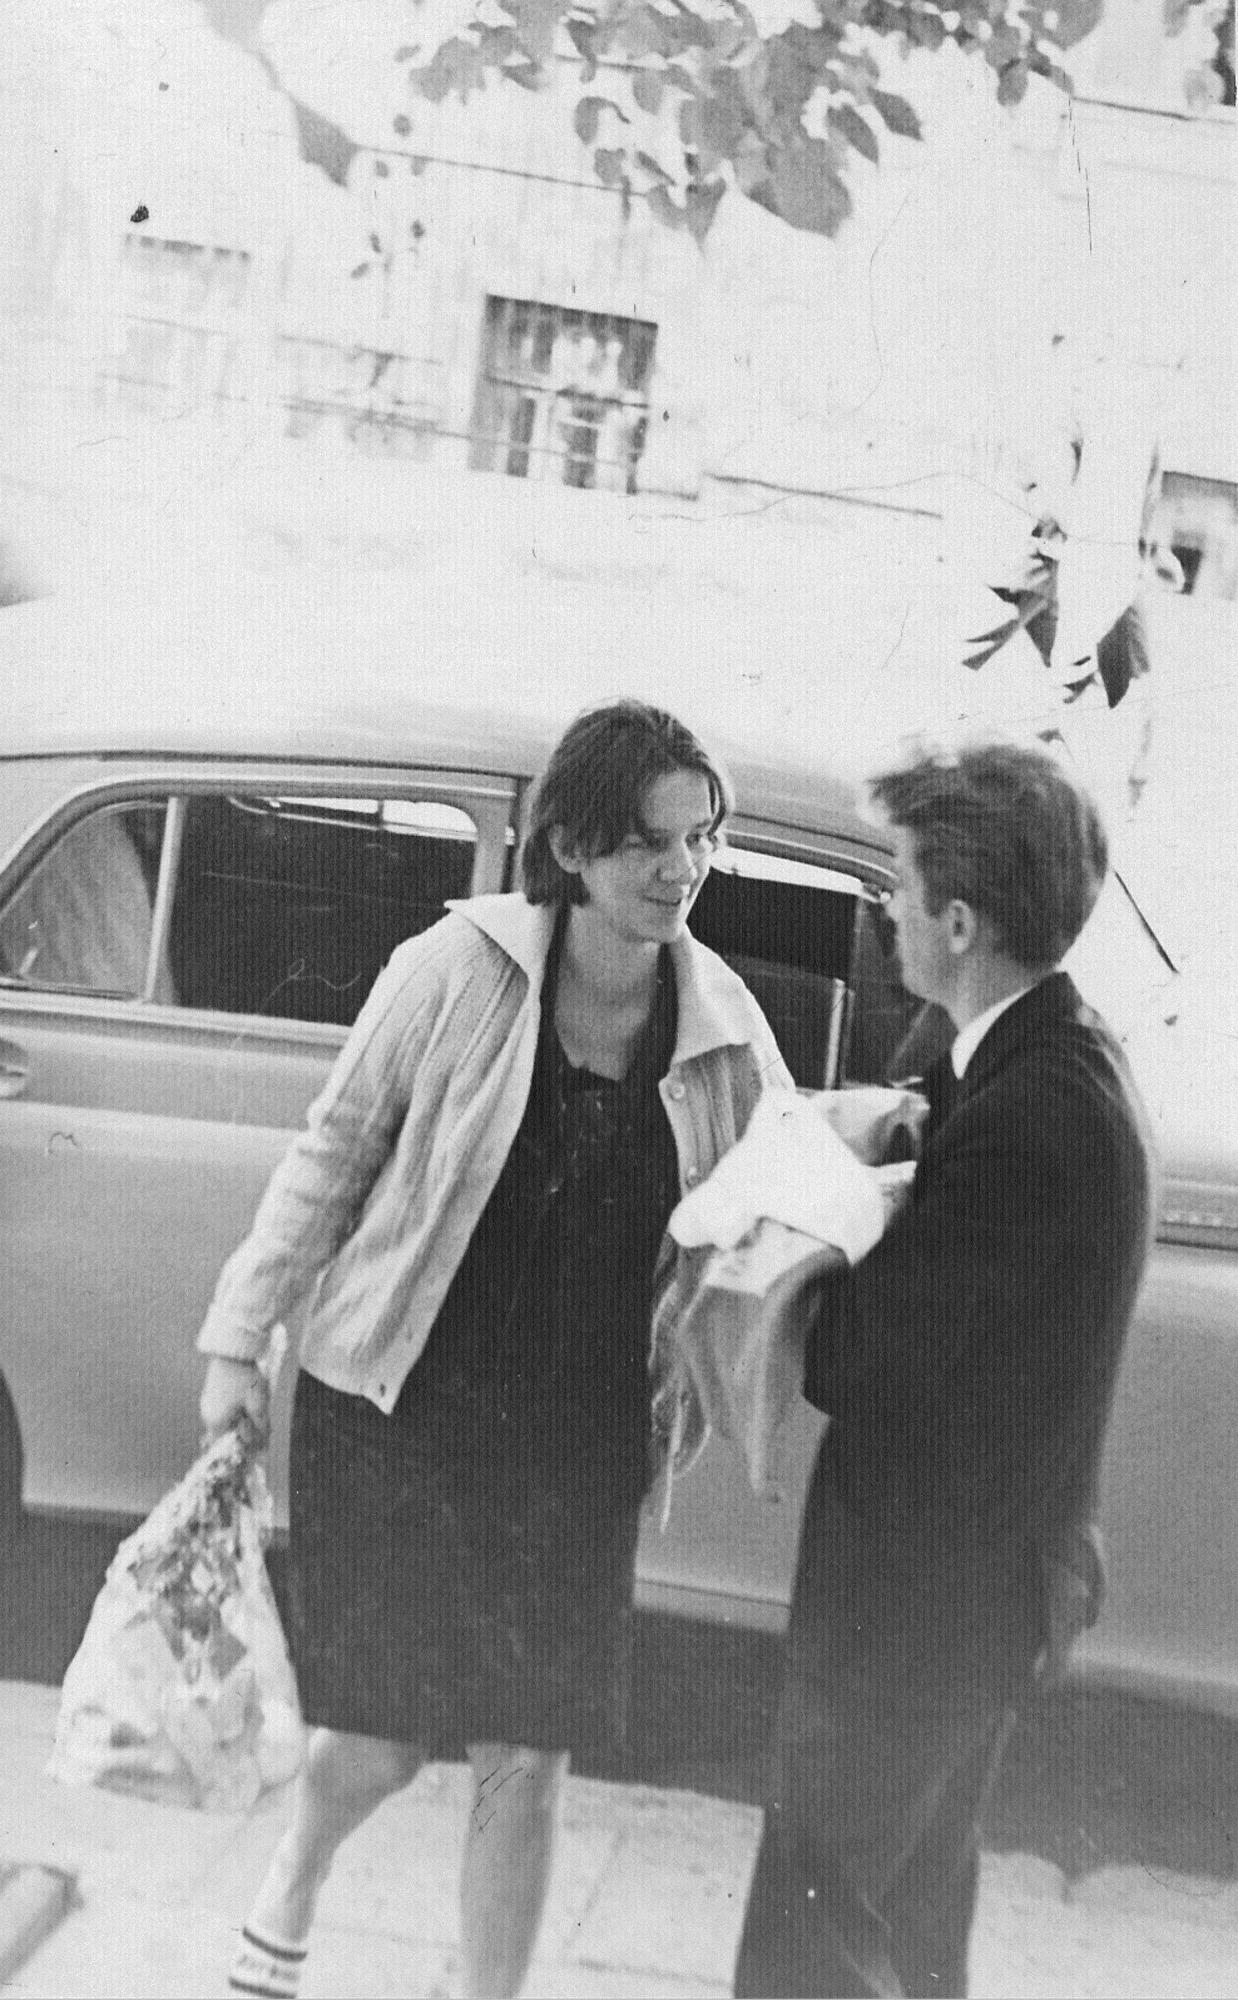 1967 m. rugpjūčio pabaiga. tėvai parsivežė mane iš Antakalnio klinikų į Basanavičiaus gatvę, kur gyvenome pas senelius.